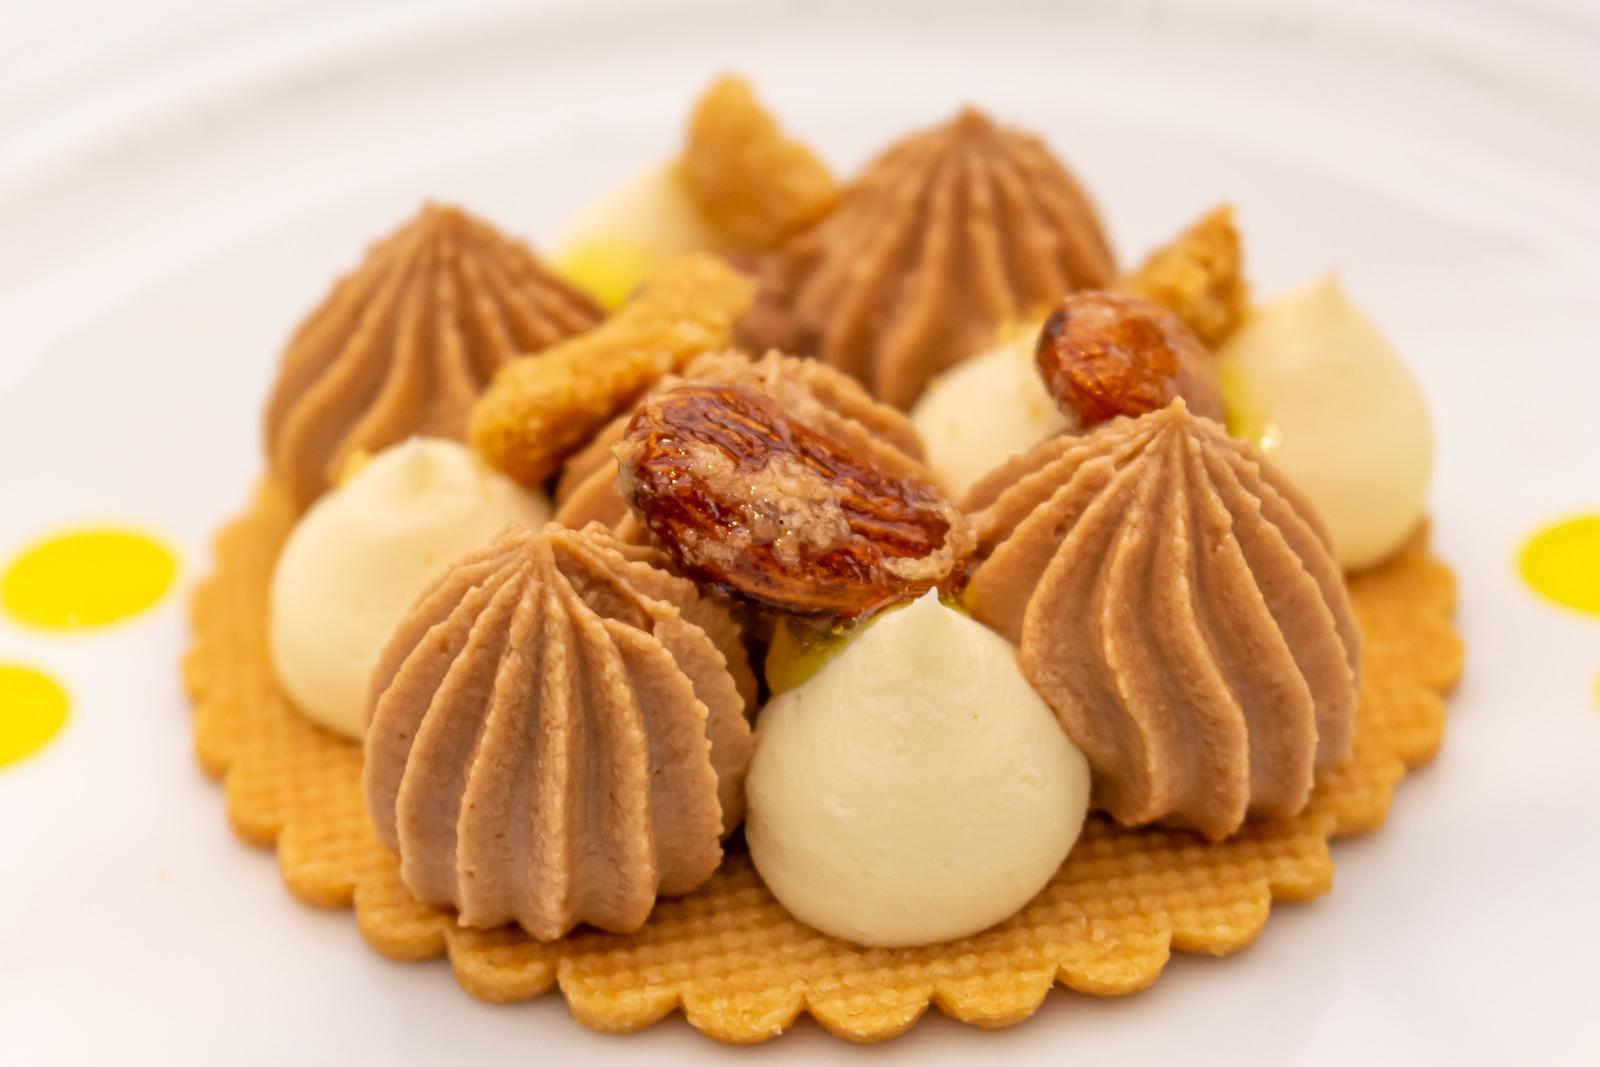 Avola: Knuspriges Törtchen aus Sablé-Teig mit Mandeln und Mousse au chocolat aus Milchschokolade und weißer Schokolade, Mandelkrokant und Zitronengelee